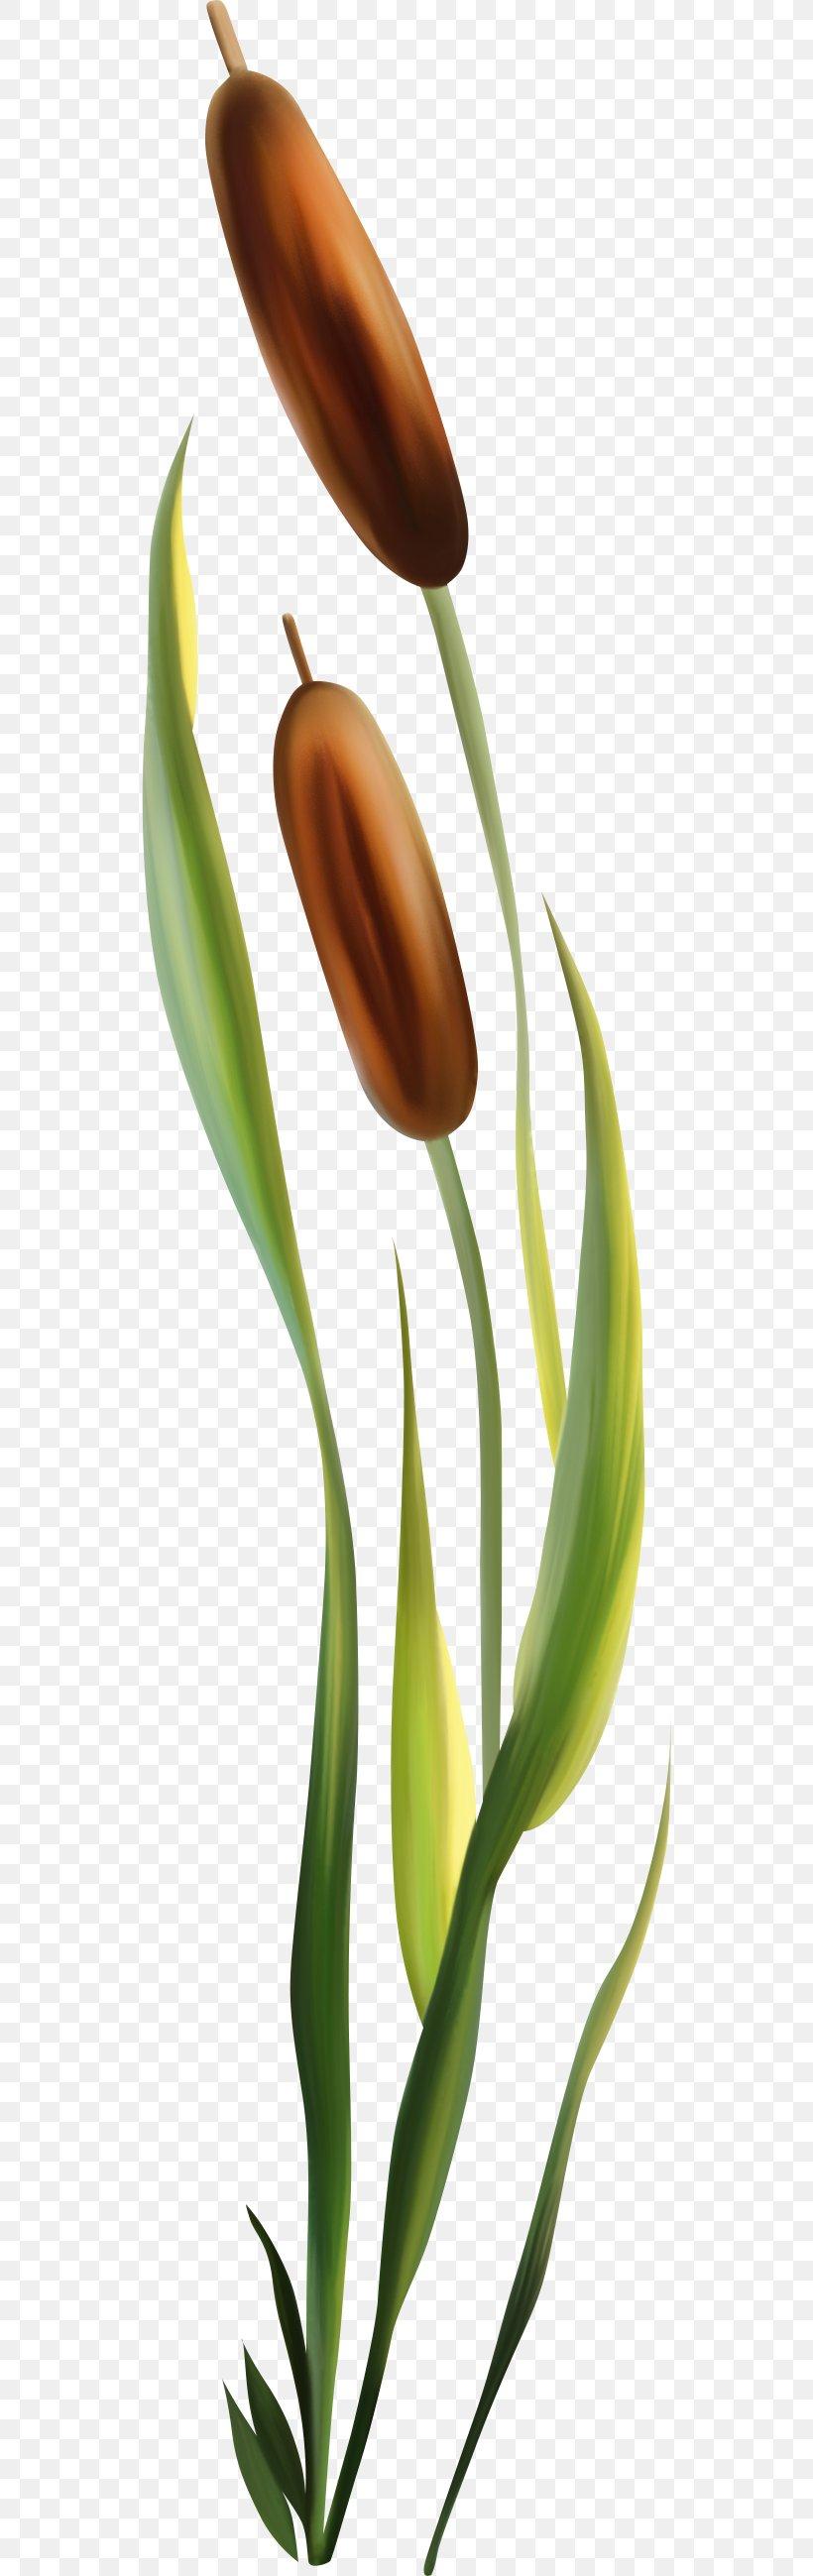 Scirpus Photography Aquatic Plants Clip Art, PNG, 534x2598px.